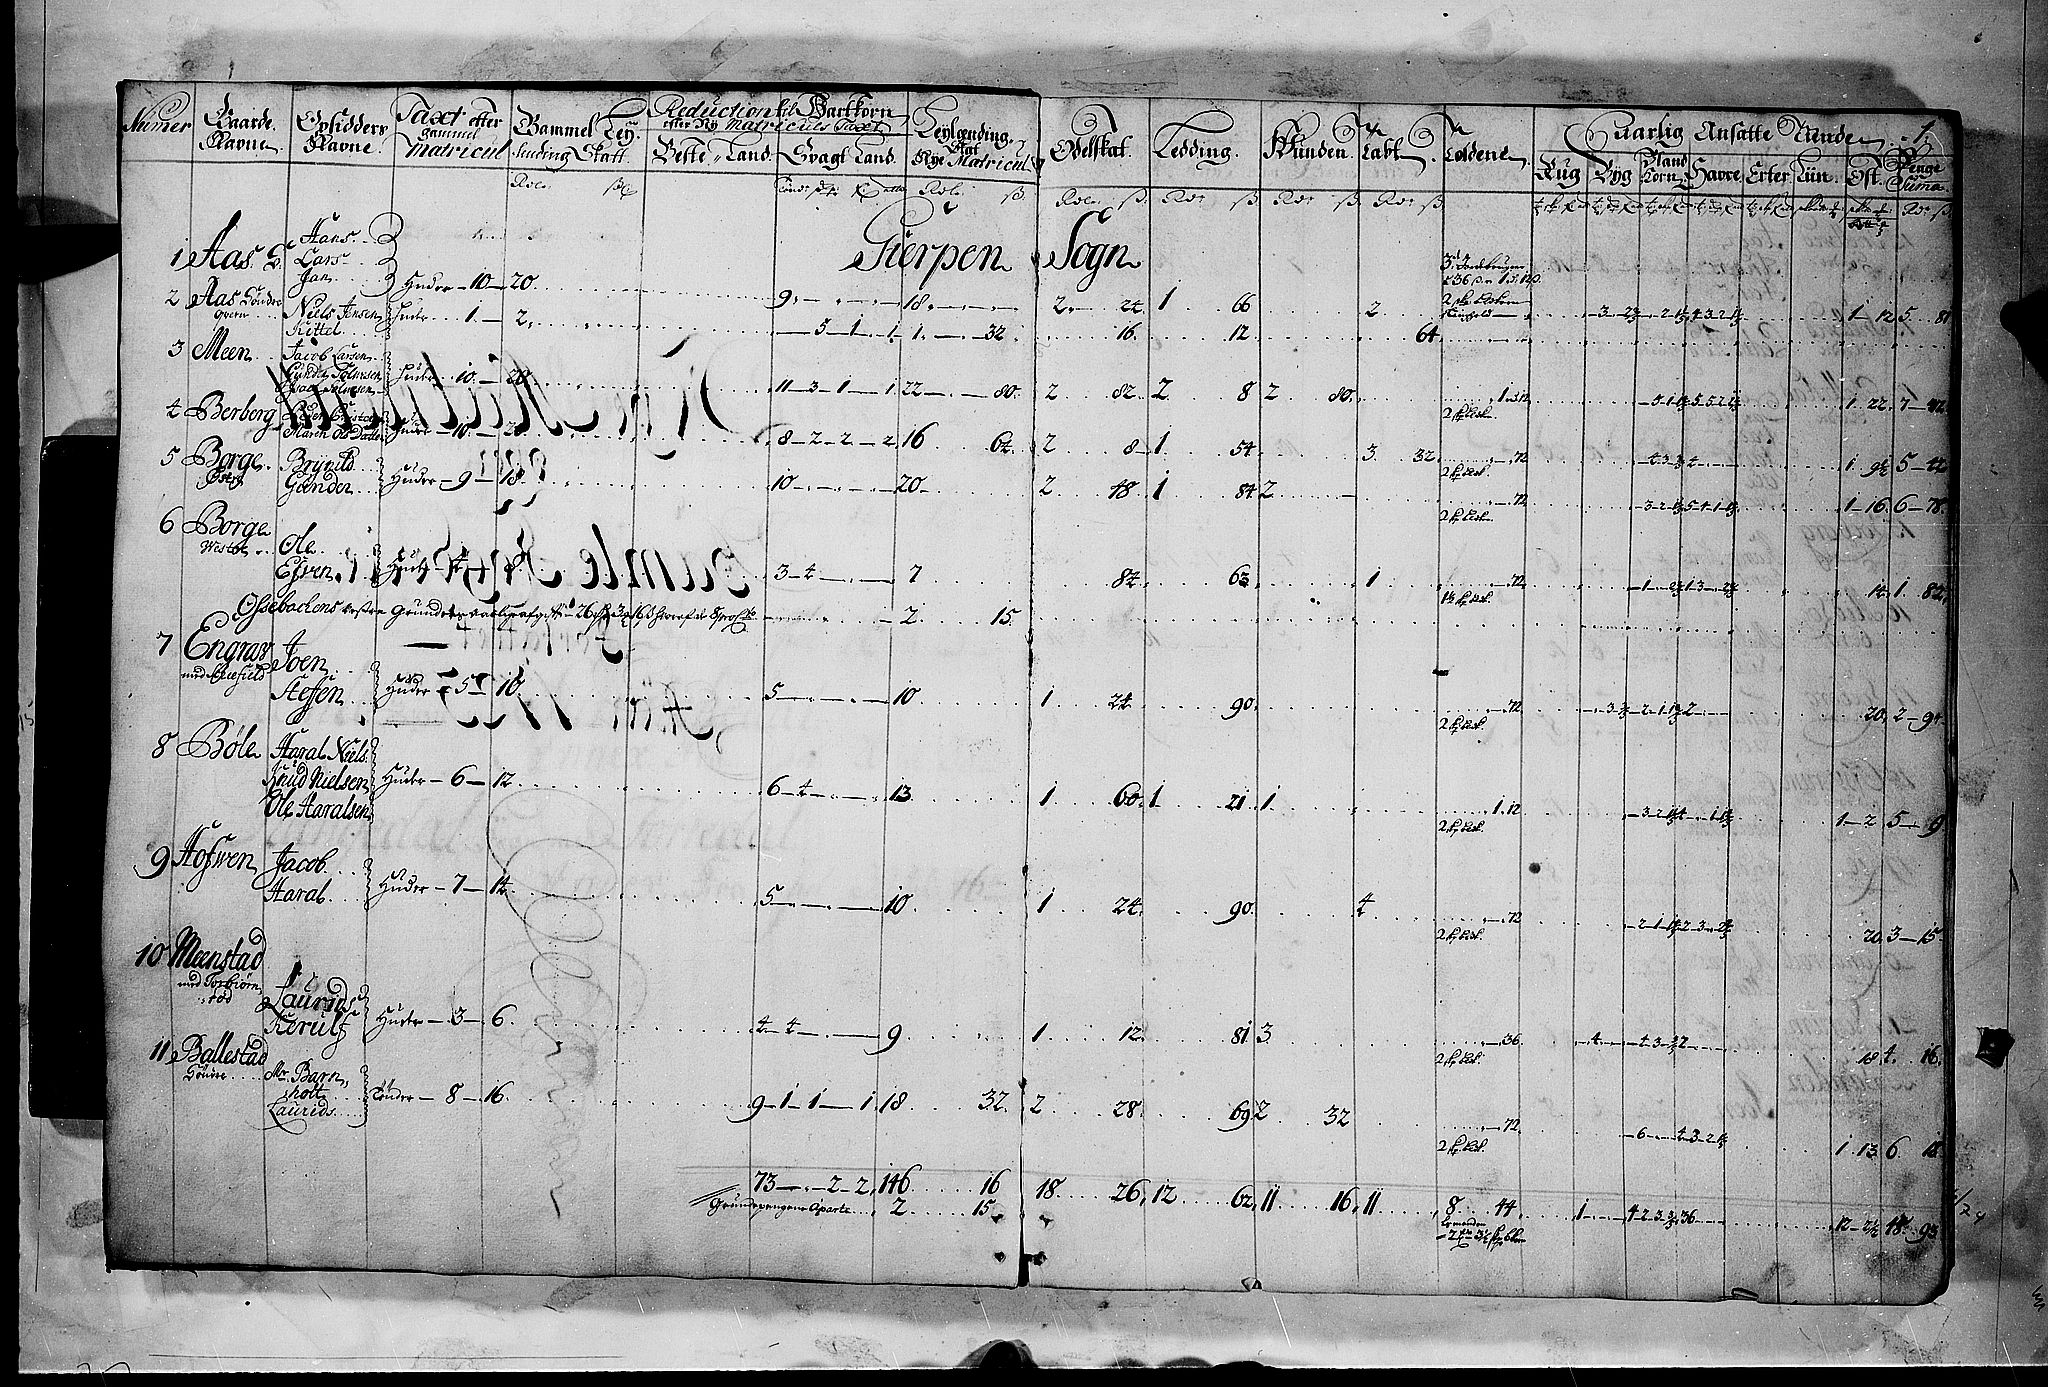 RA, Rentekammeret inntil 1814, Realistisk ordnet avdeling, N/Nb/Nbf/L0120: Bamble matrikkelprotokoll, 1723, s. 1a